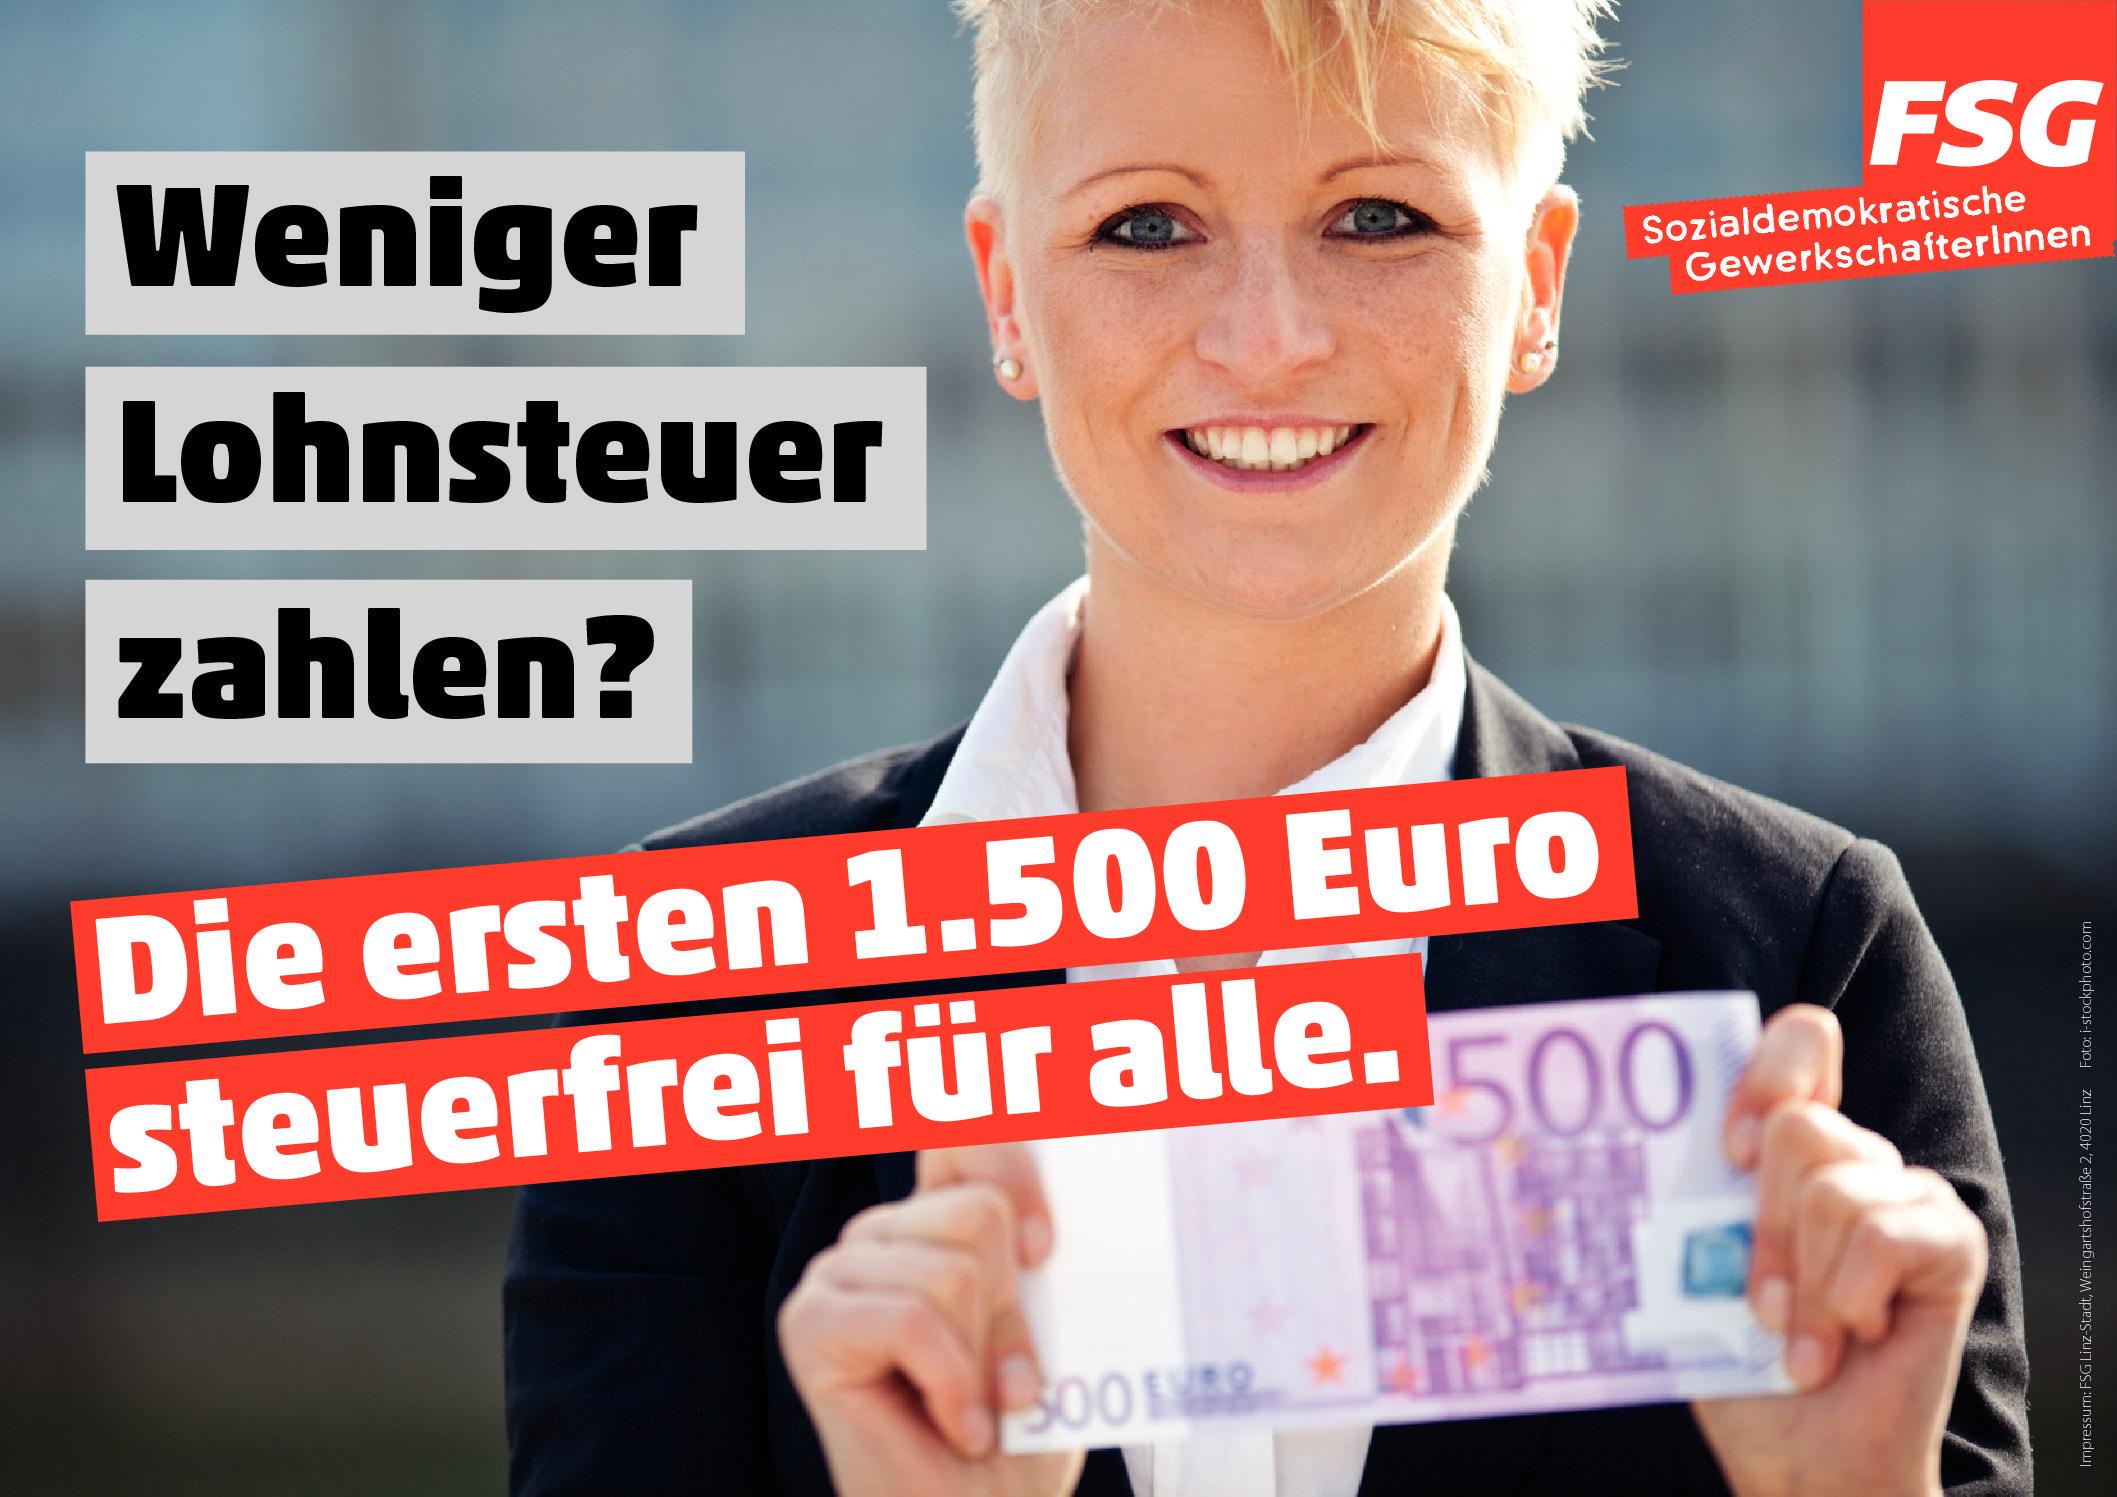 Neues Plakat: 500 Euro weniger Lohnsteuer